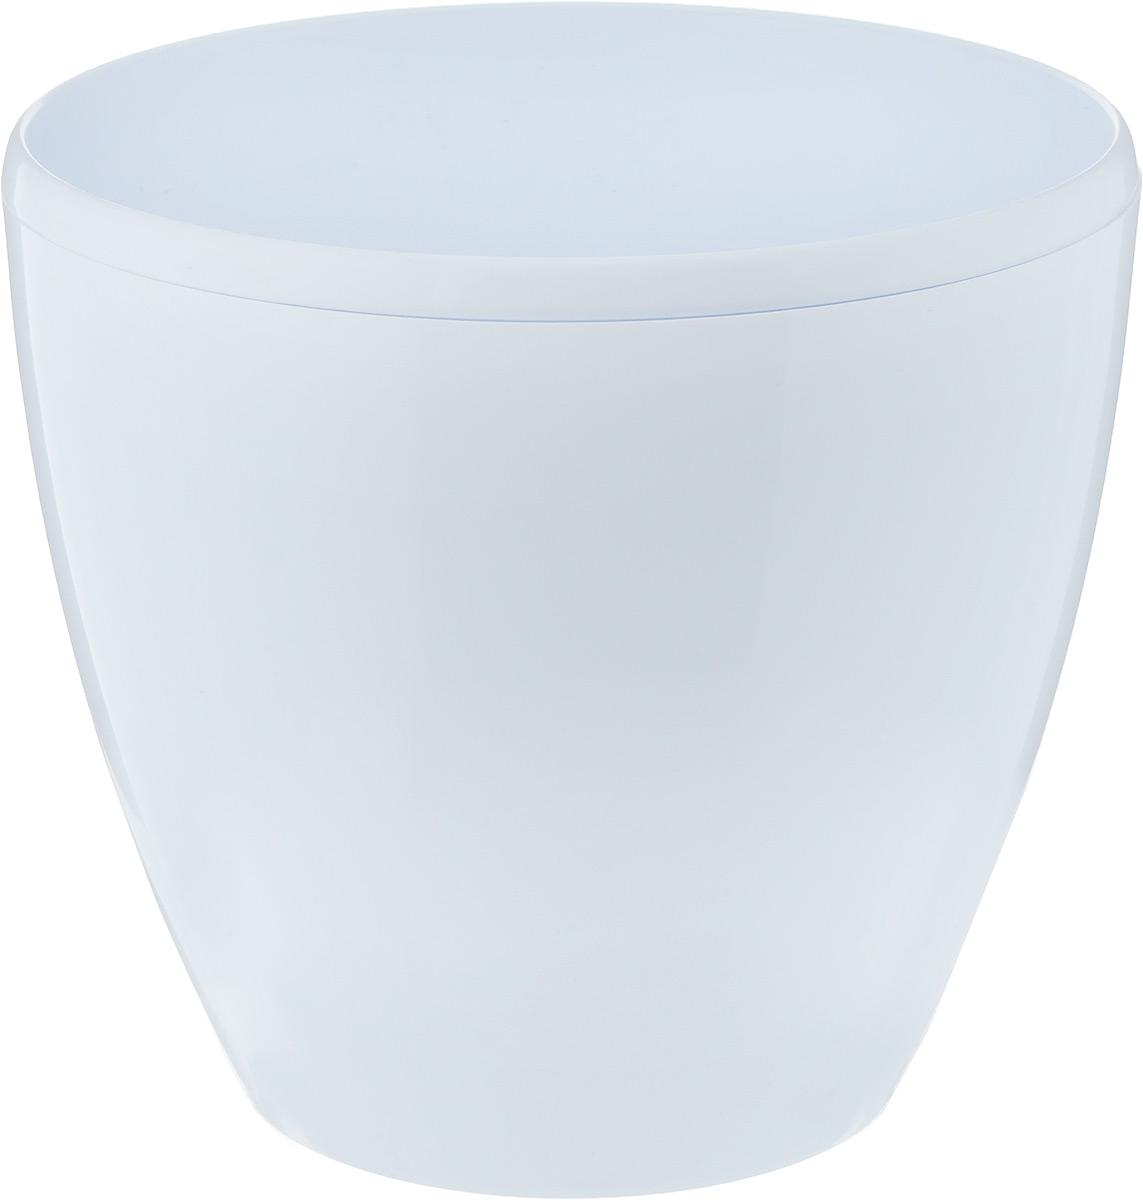 Горшок цветочный Santino Deco Twin, с системой автополива, цвет: белый, 5,8 л холодильник samsung rs4000 с двухконтурной системой twin cooling 569 л